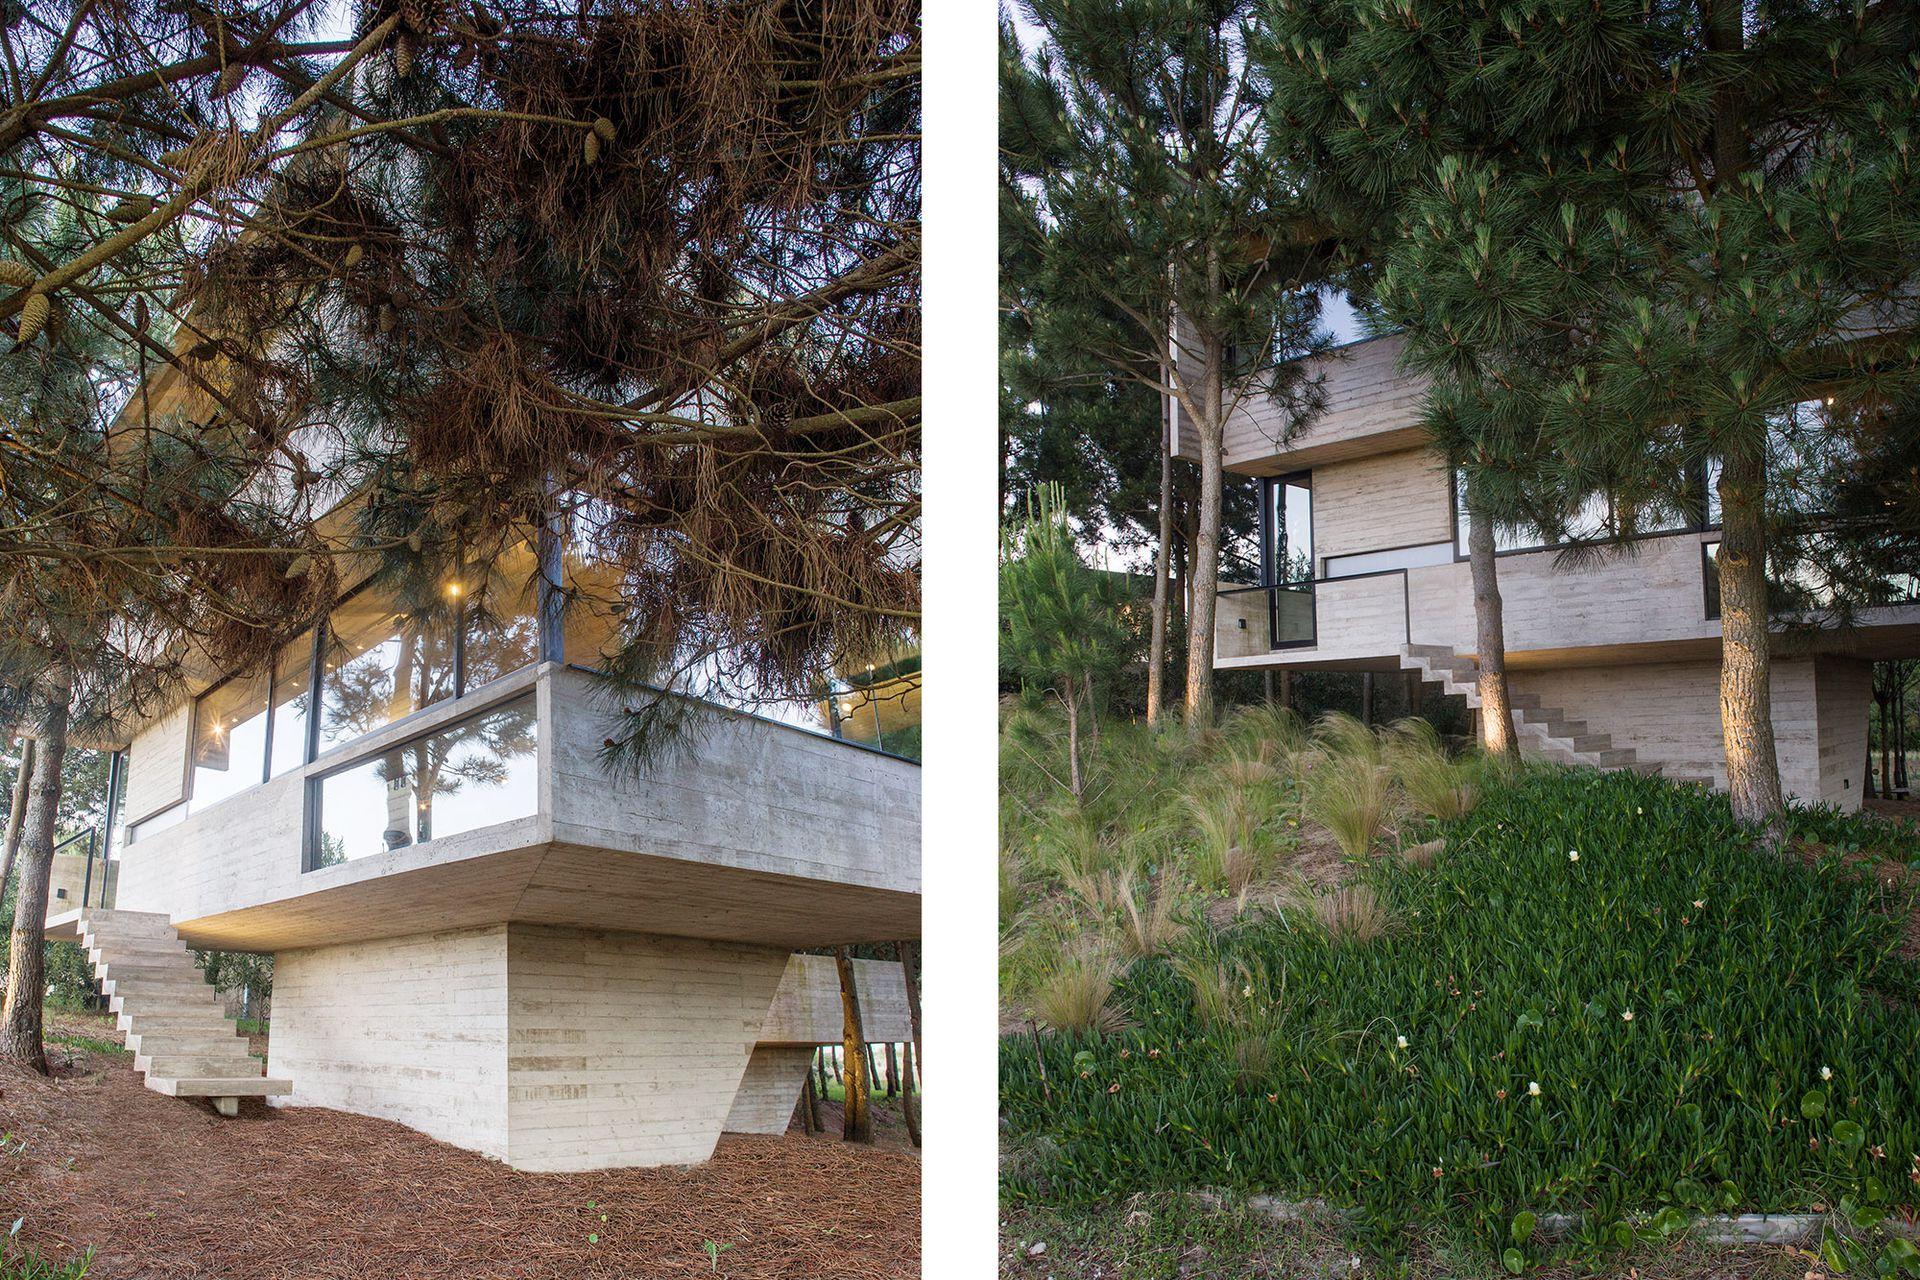 La casa se levantó en la cota de mayor altura de un lote que desciende a medida que se aleja de la calle.